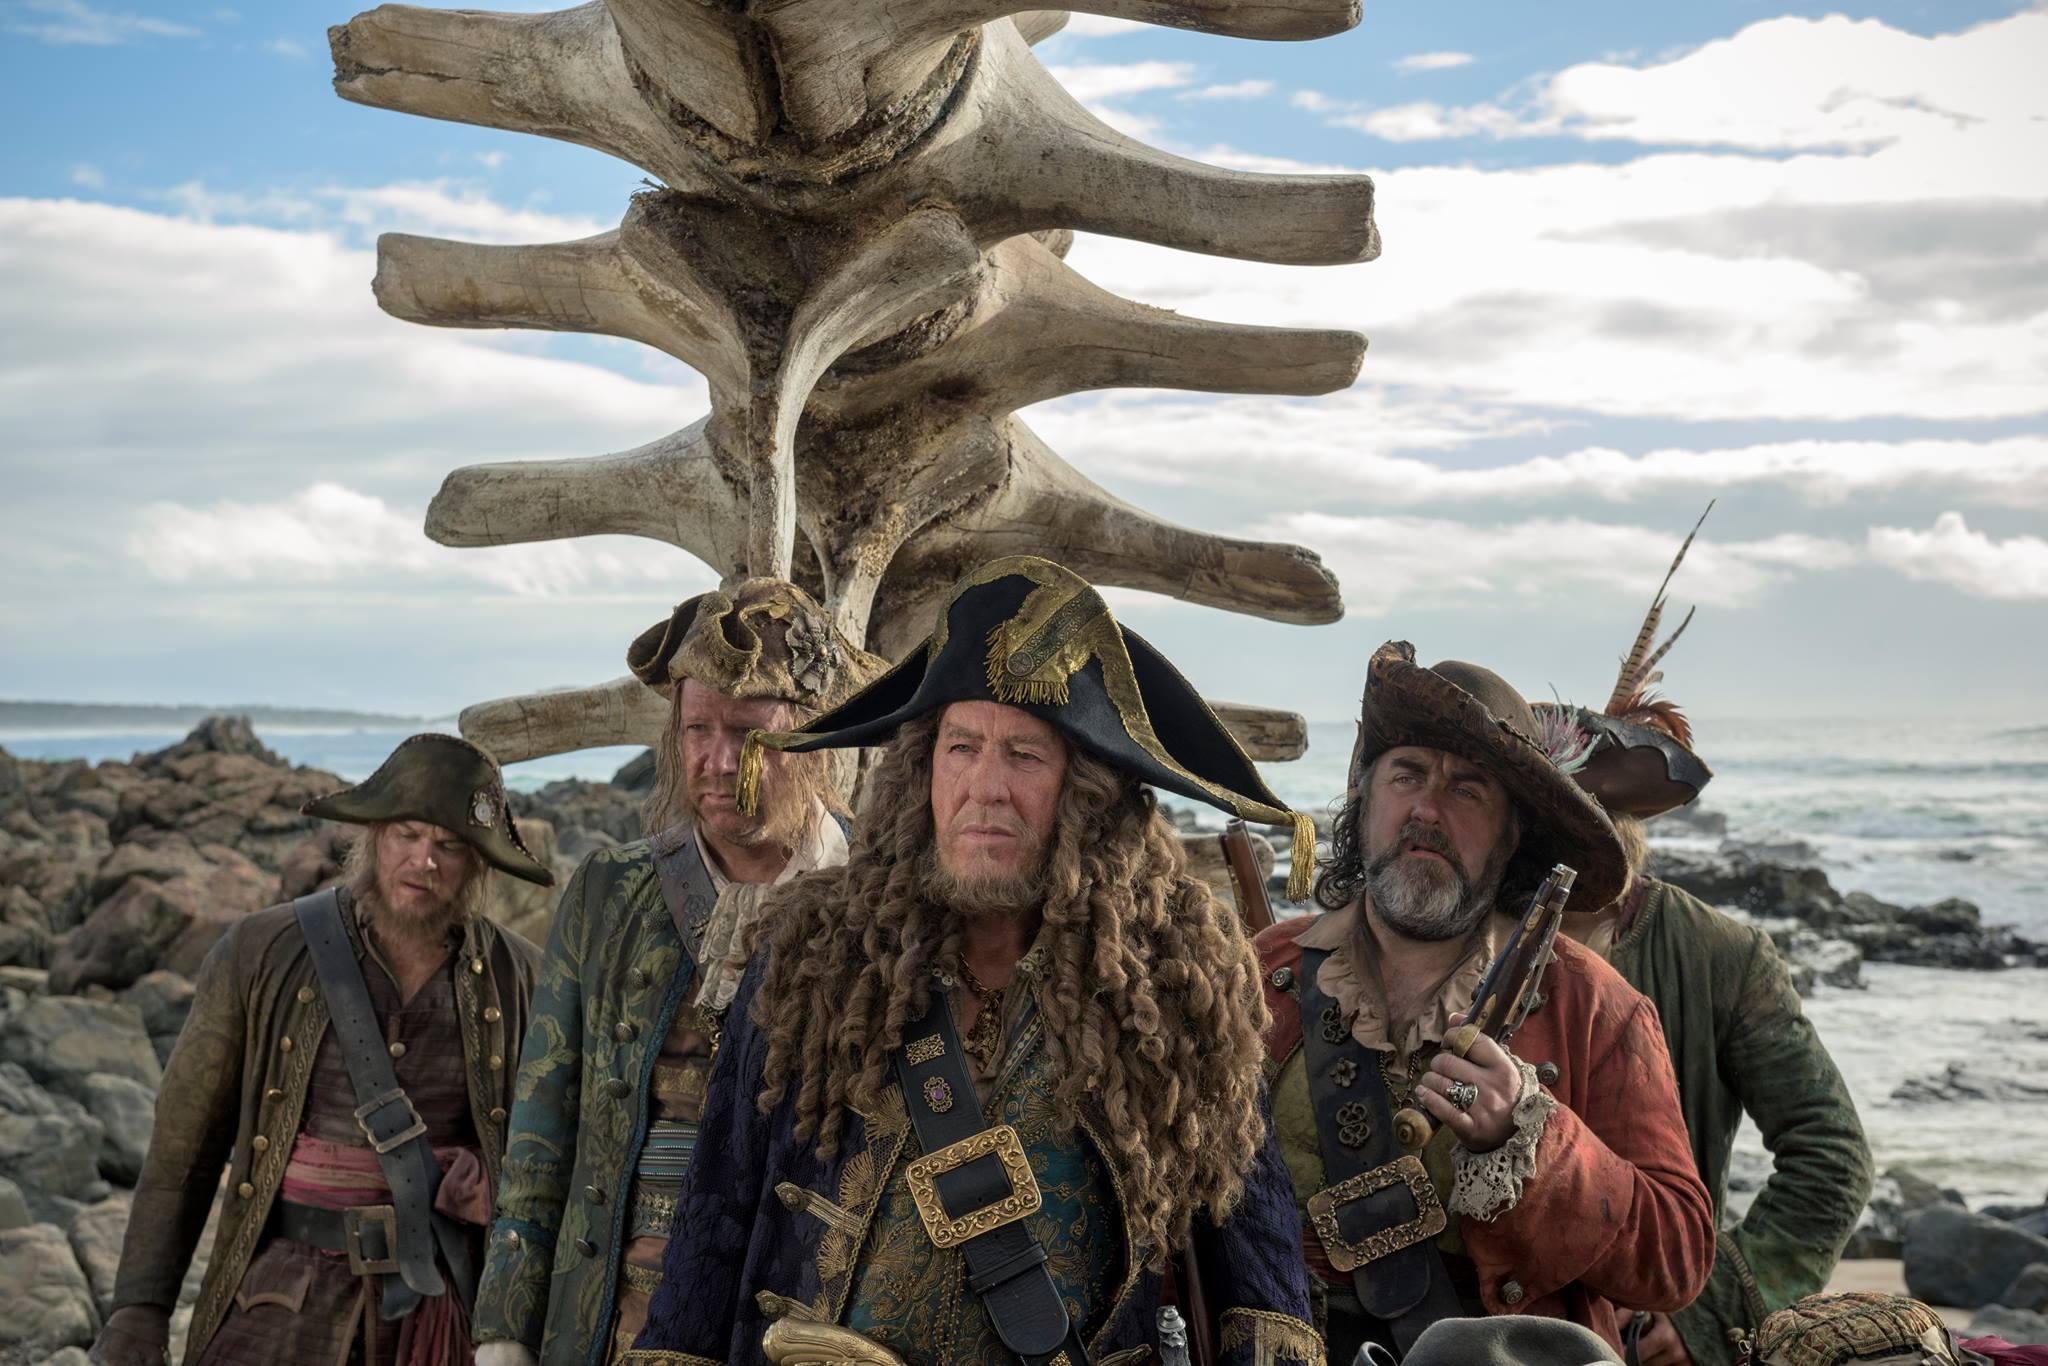 Caribbean Men: Pirates Of The Caribbean: Dead Men Tell No Tales